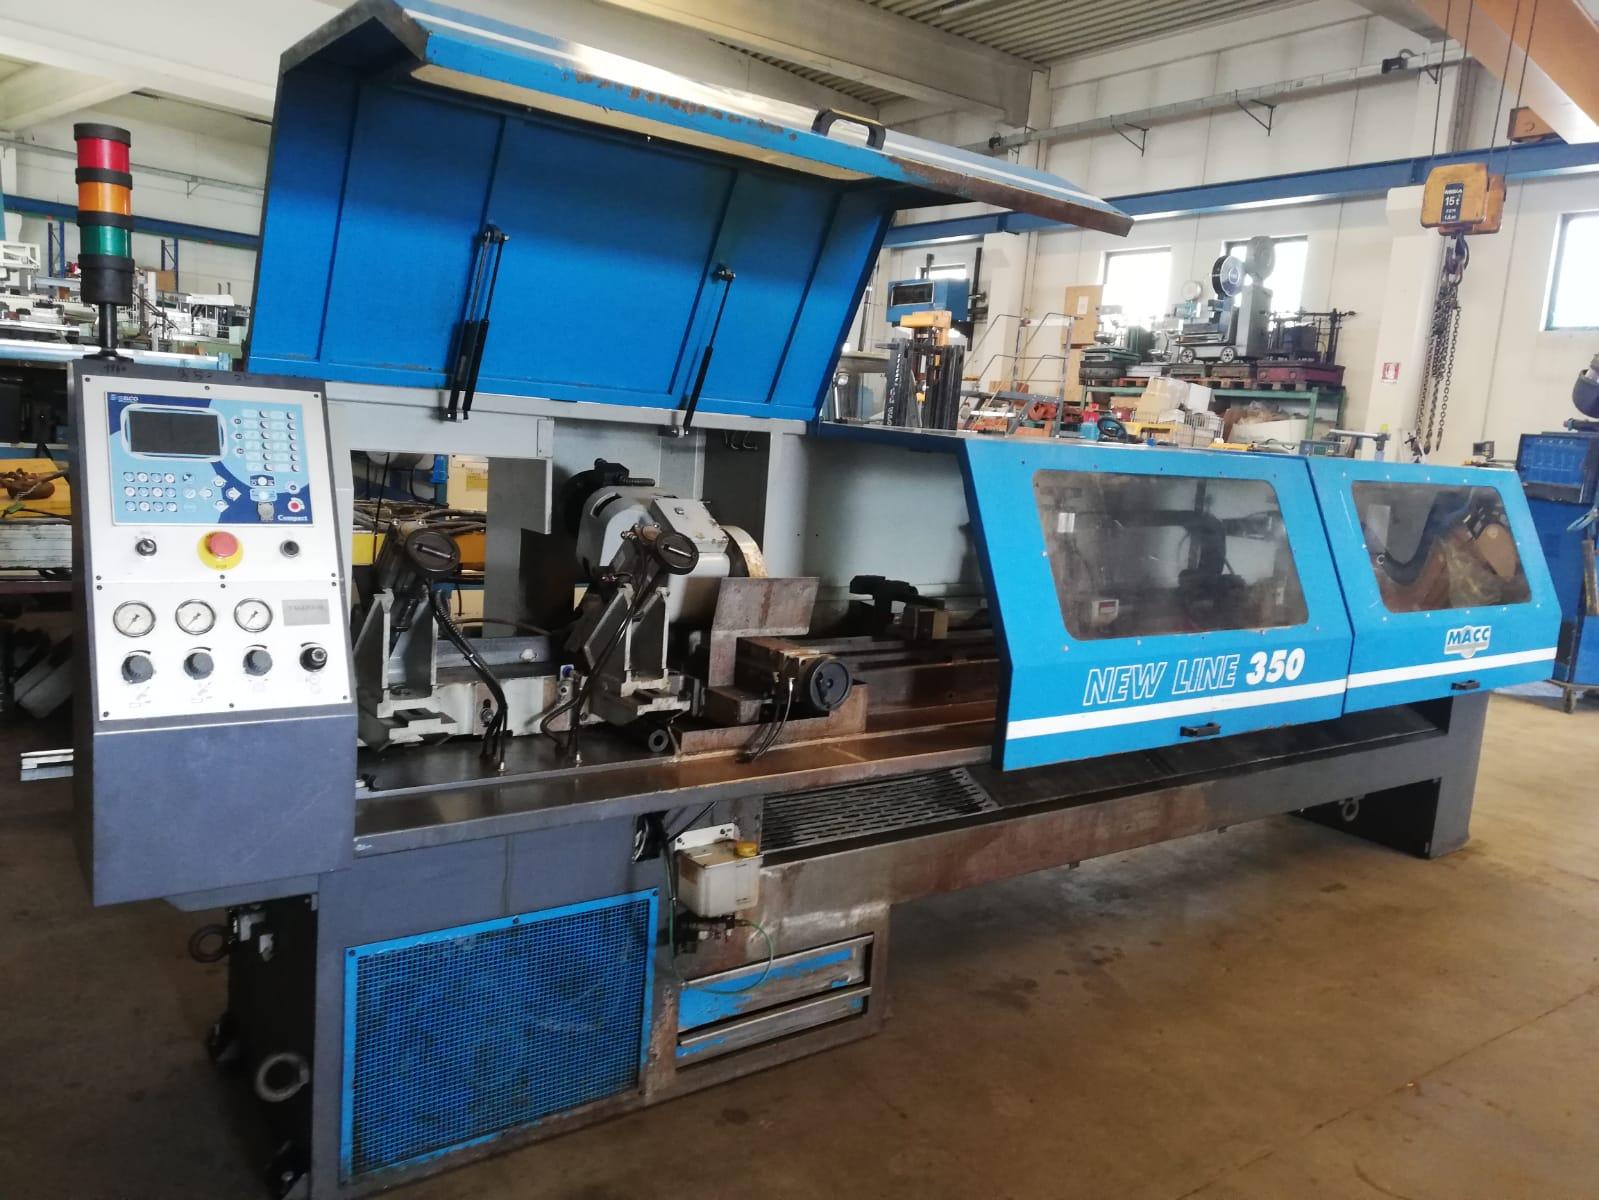 Automatic saw machine MACC New Line 350